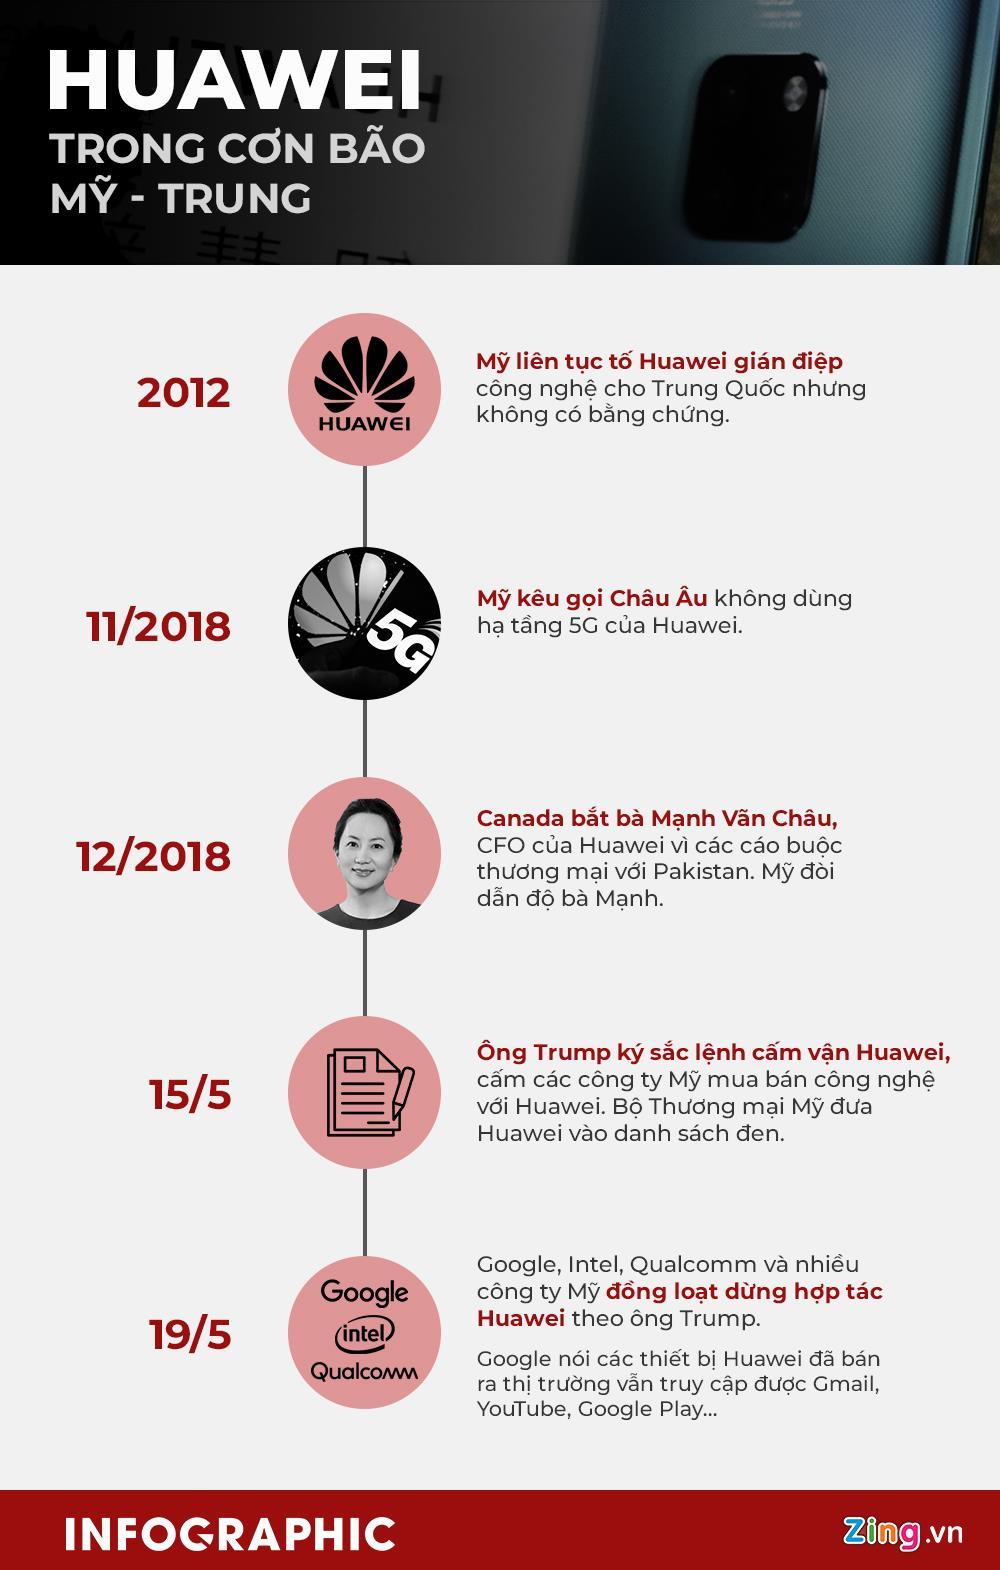 My-gia-han-lenh-cam-van-doi-voi-Huawei-them-3-thang-Co-hoi-va-thach-thuc-2